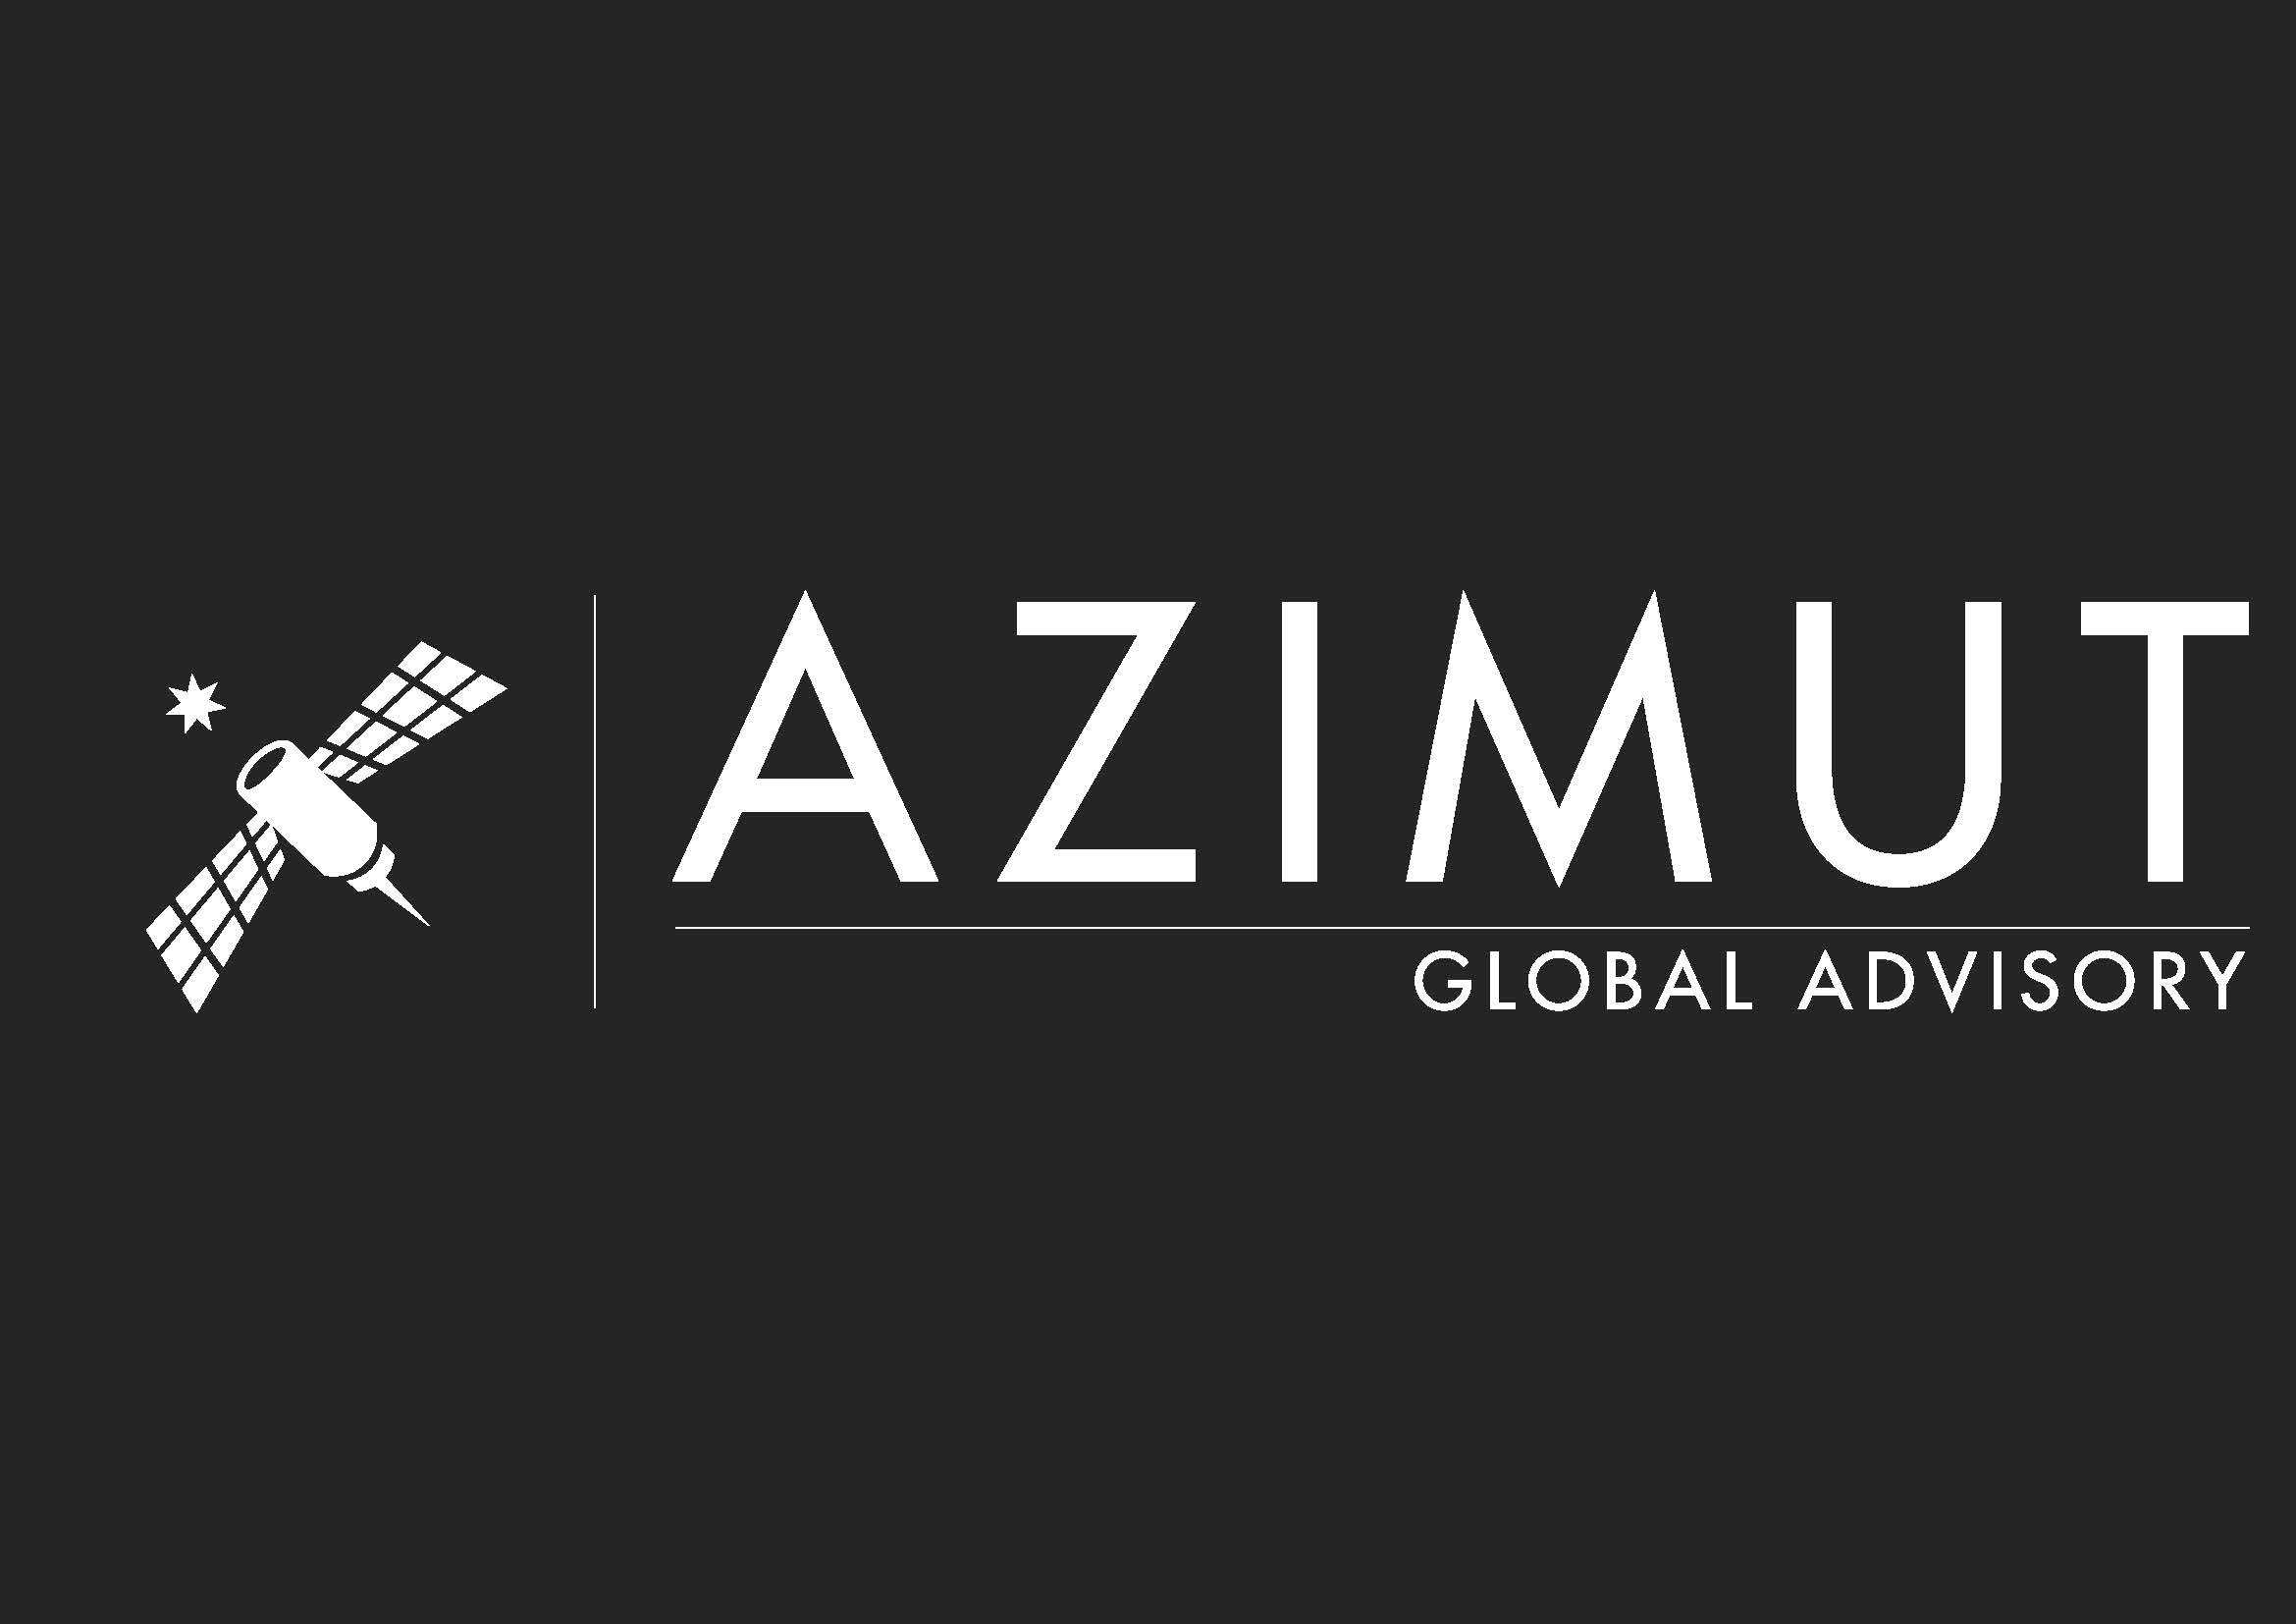 Azimut Global Advisory